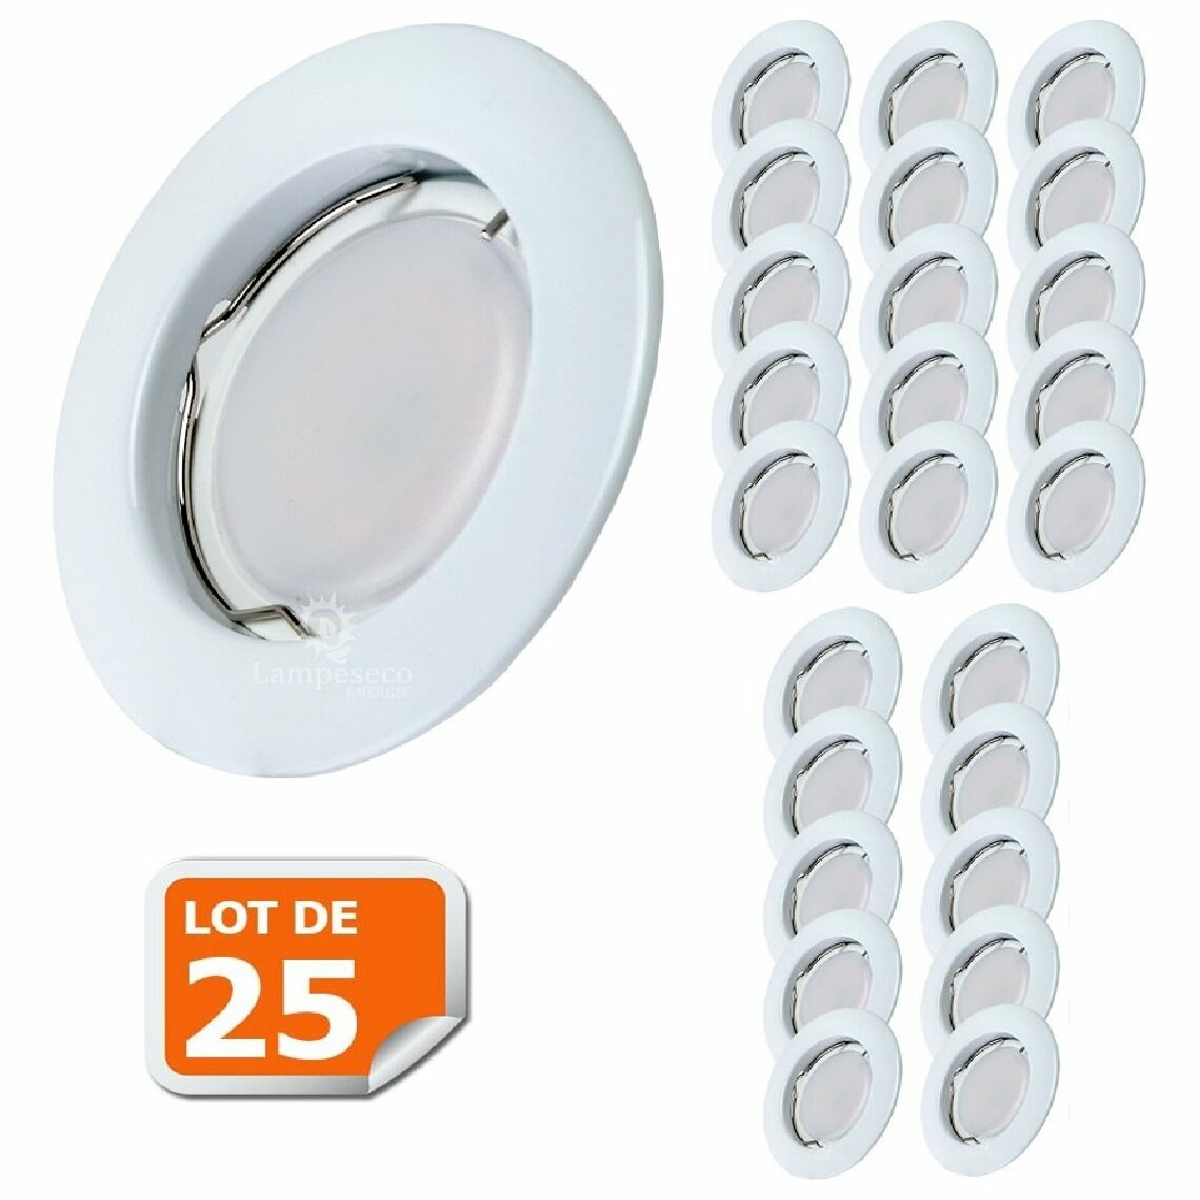 Lampesecoenergie Lot de 25 Spot Led Encastrable Complete Blanc Lumière Blanc Chaud 5W eq.50W ref.267